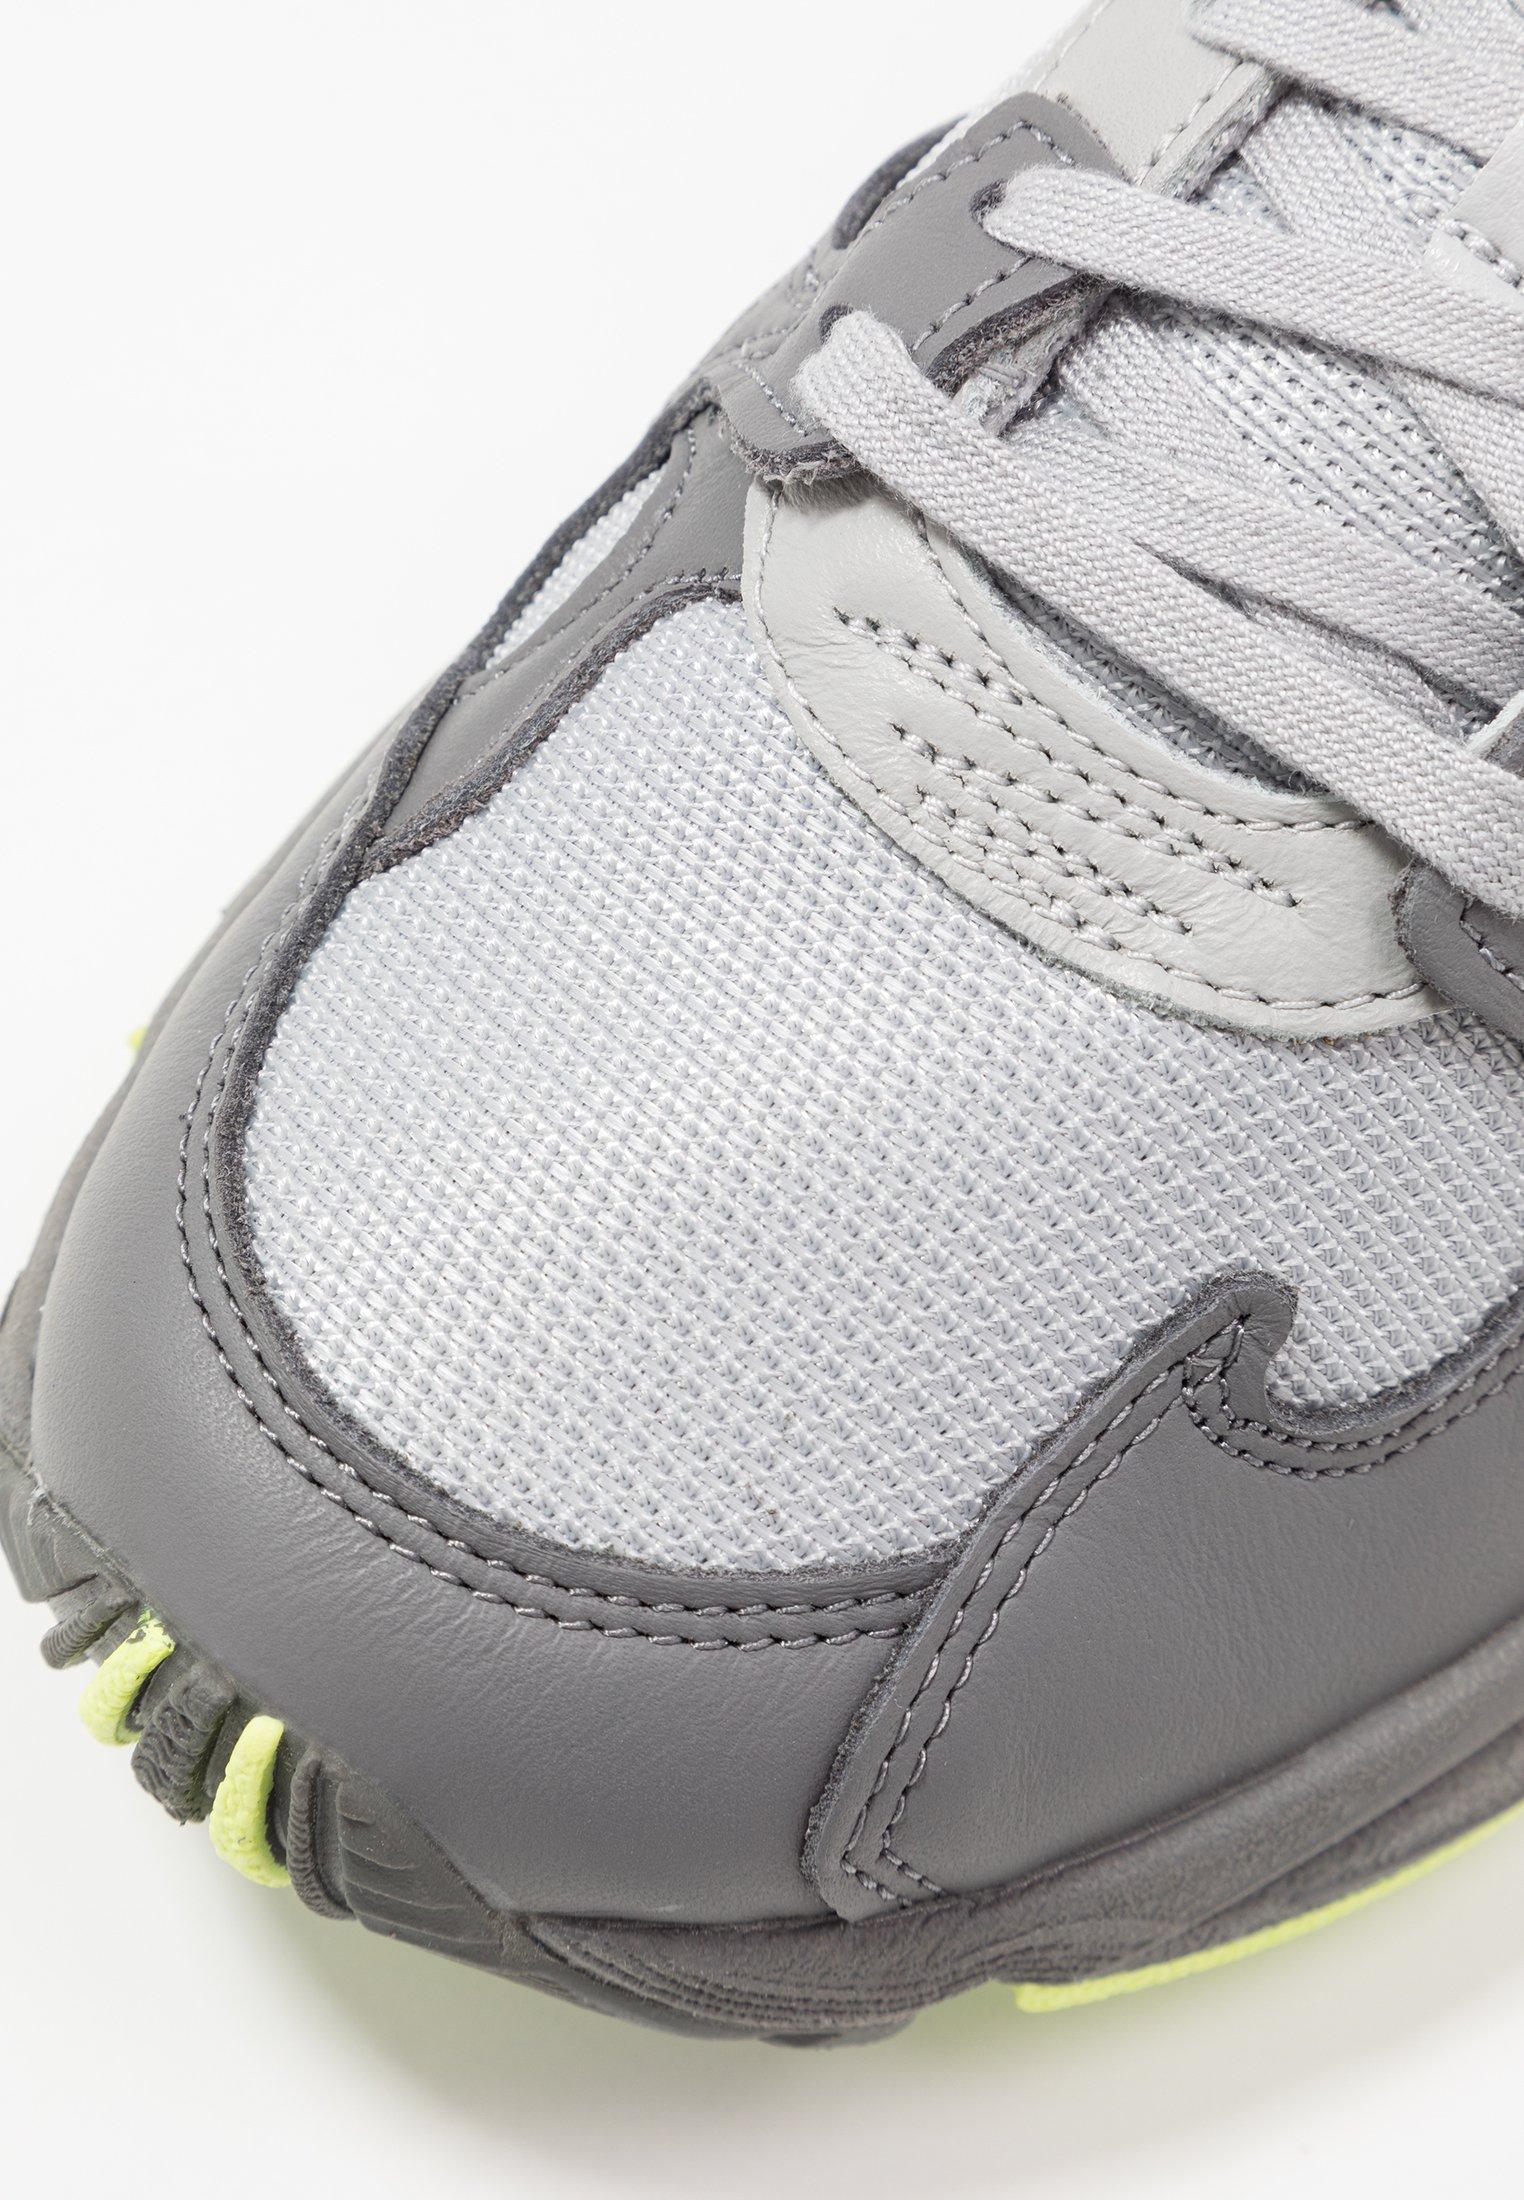 Adidas Originals Falcon - Zapatillas Grey Four/grey Two/hi-res Yellow